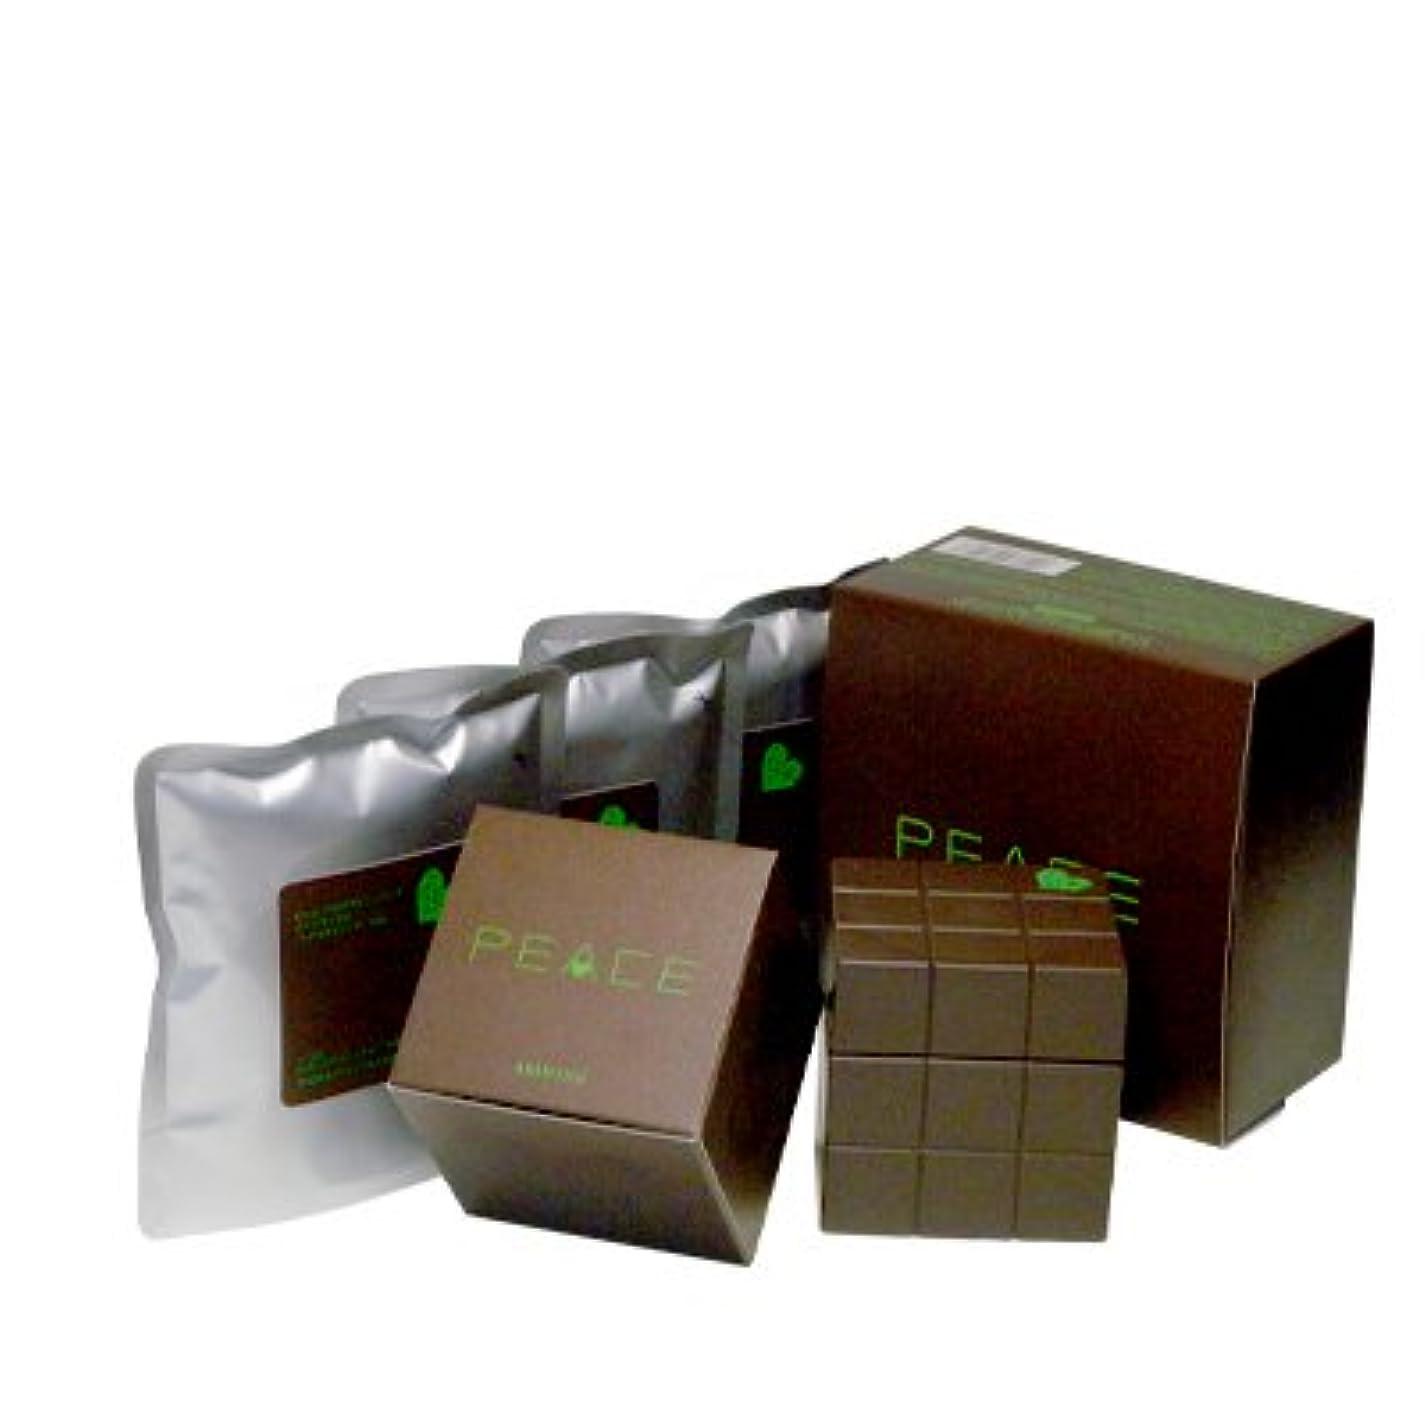 不倫ミキサーキャンパスアリミノ ピース プロデザインシリーズ ハードワックス チョコ80g+詰め替え80g×3